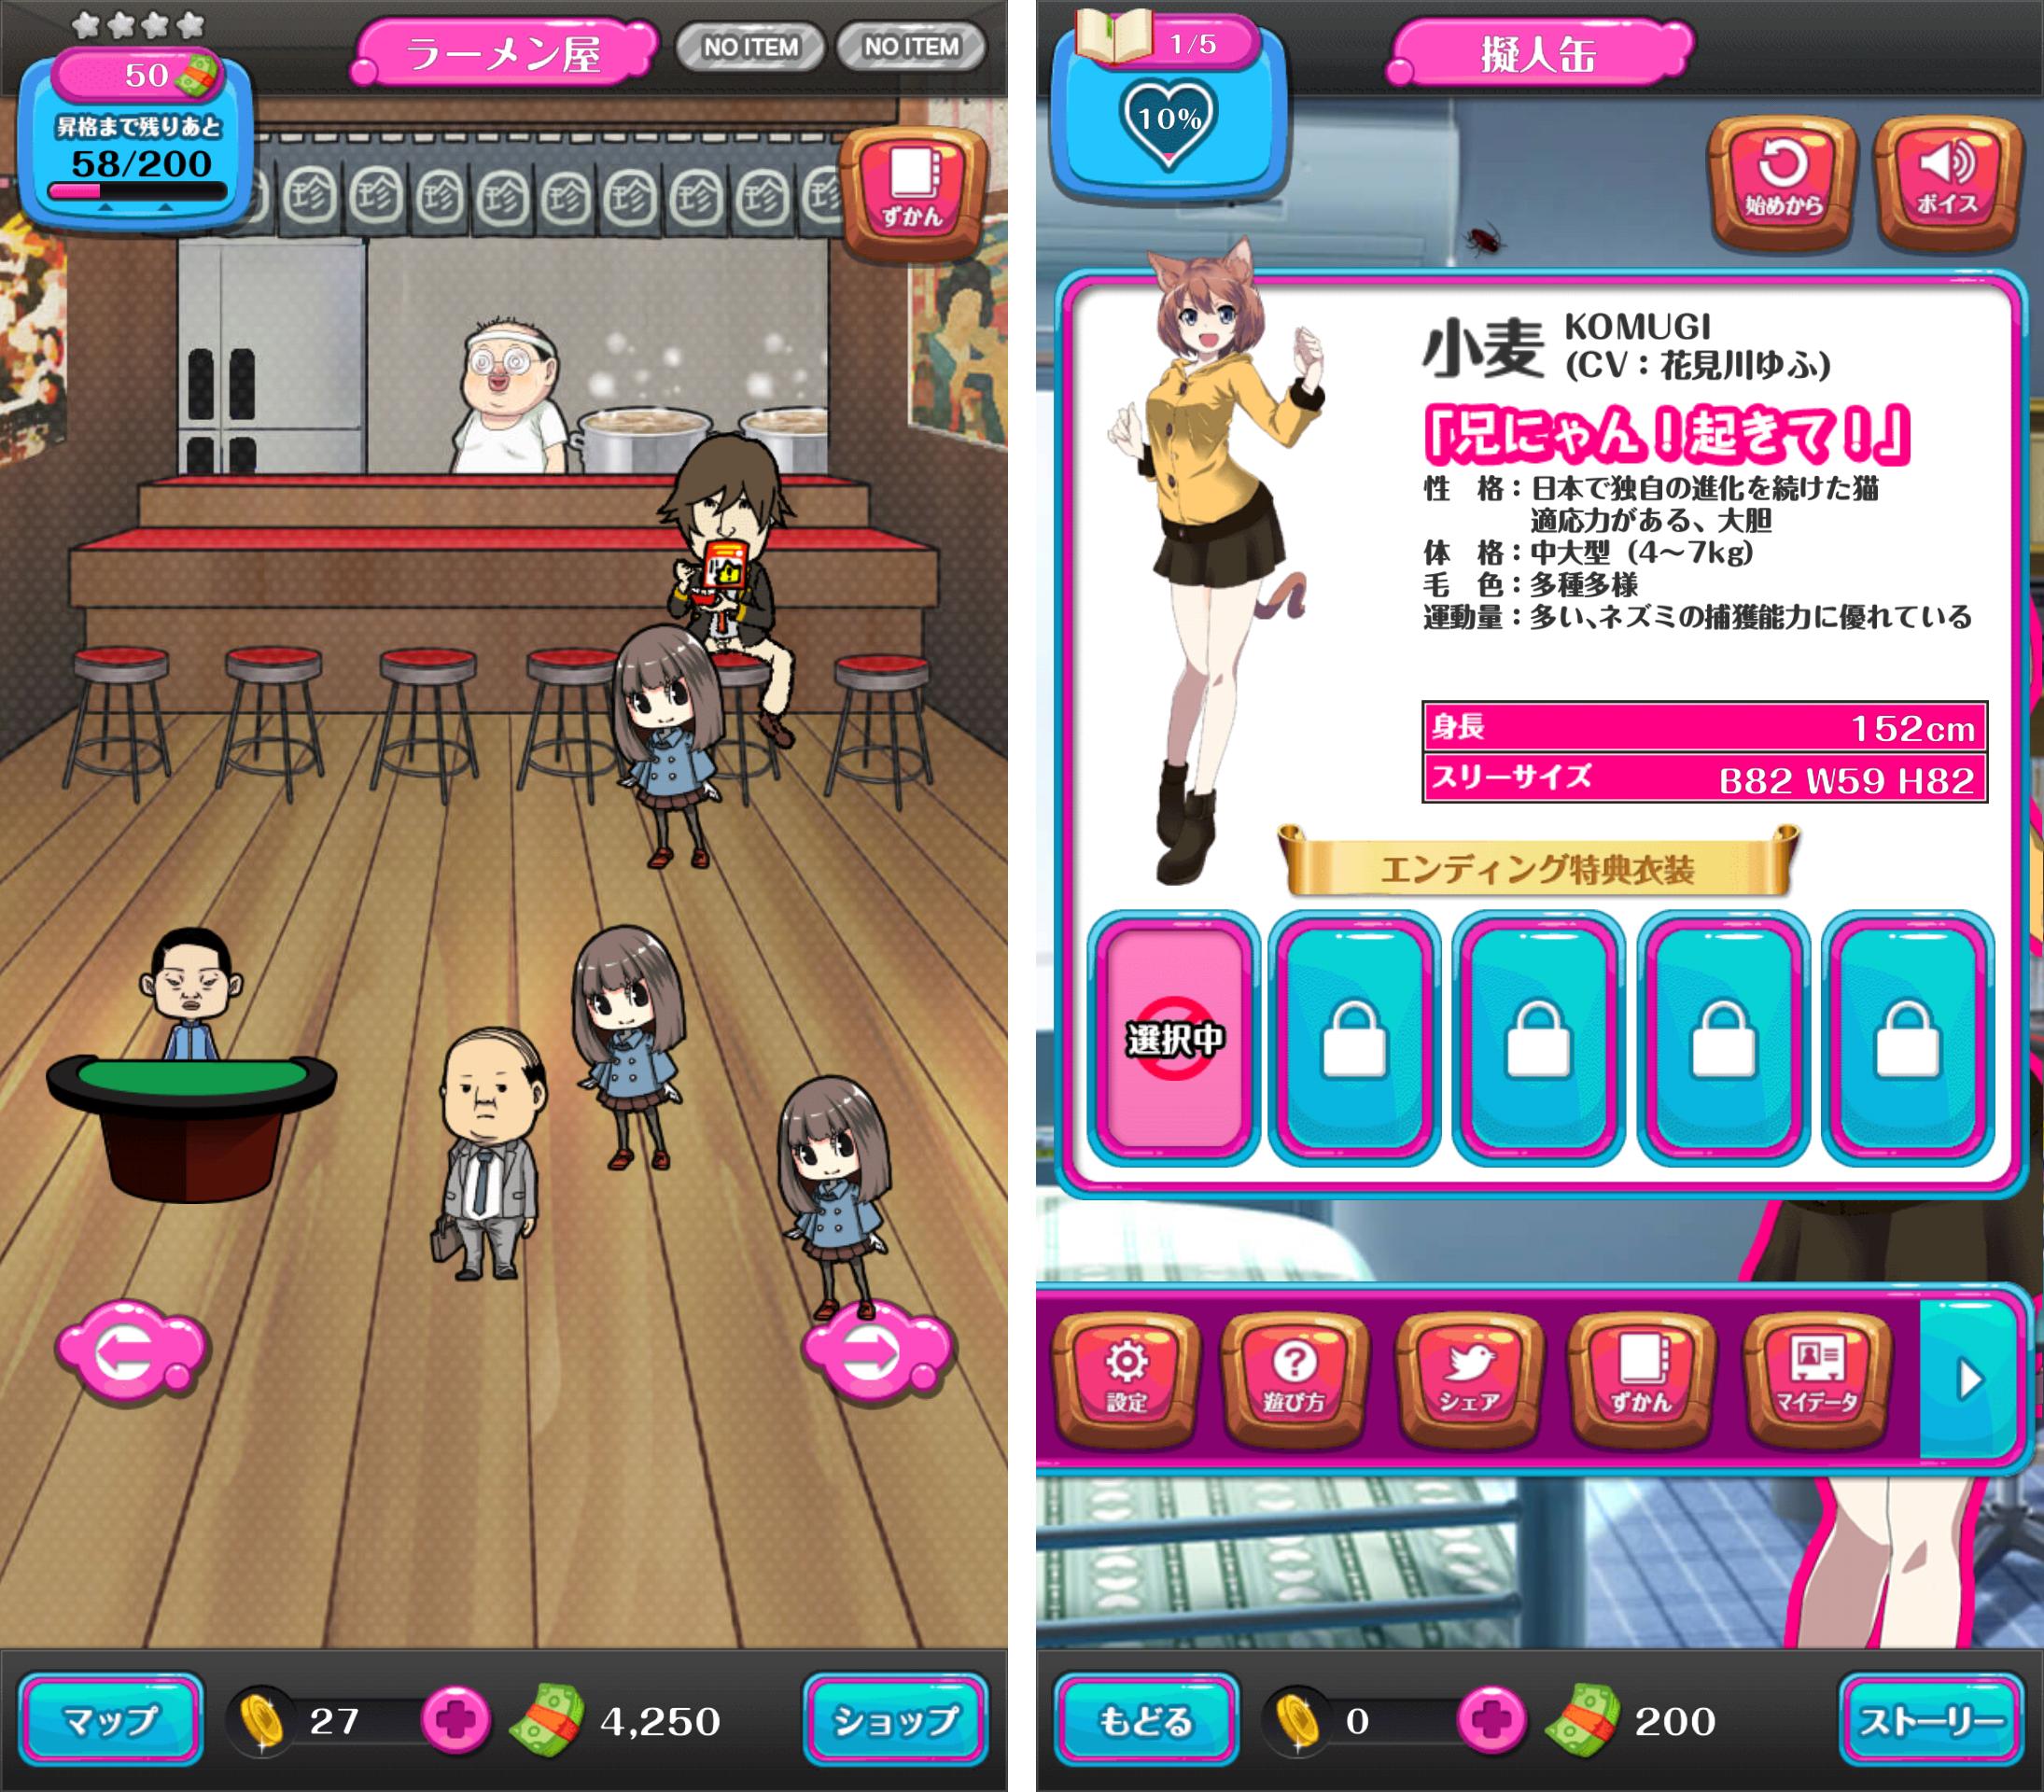 擬人缶~俺のペットが少女になった~ androidアプリスクリーンショット3